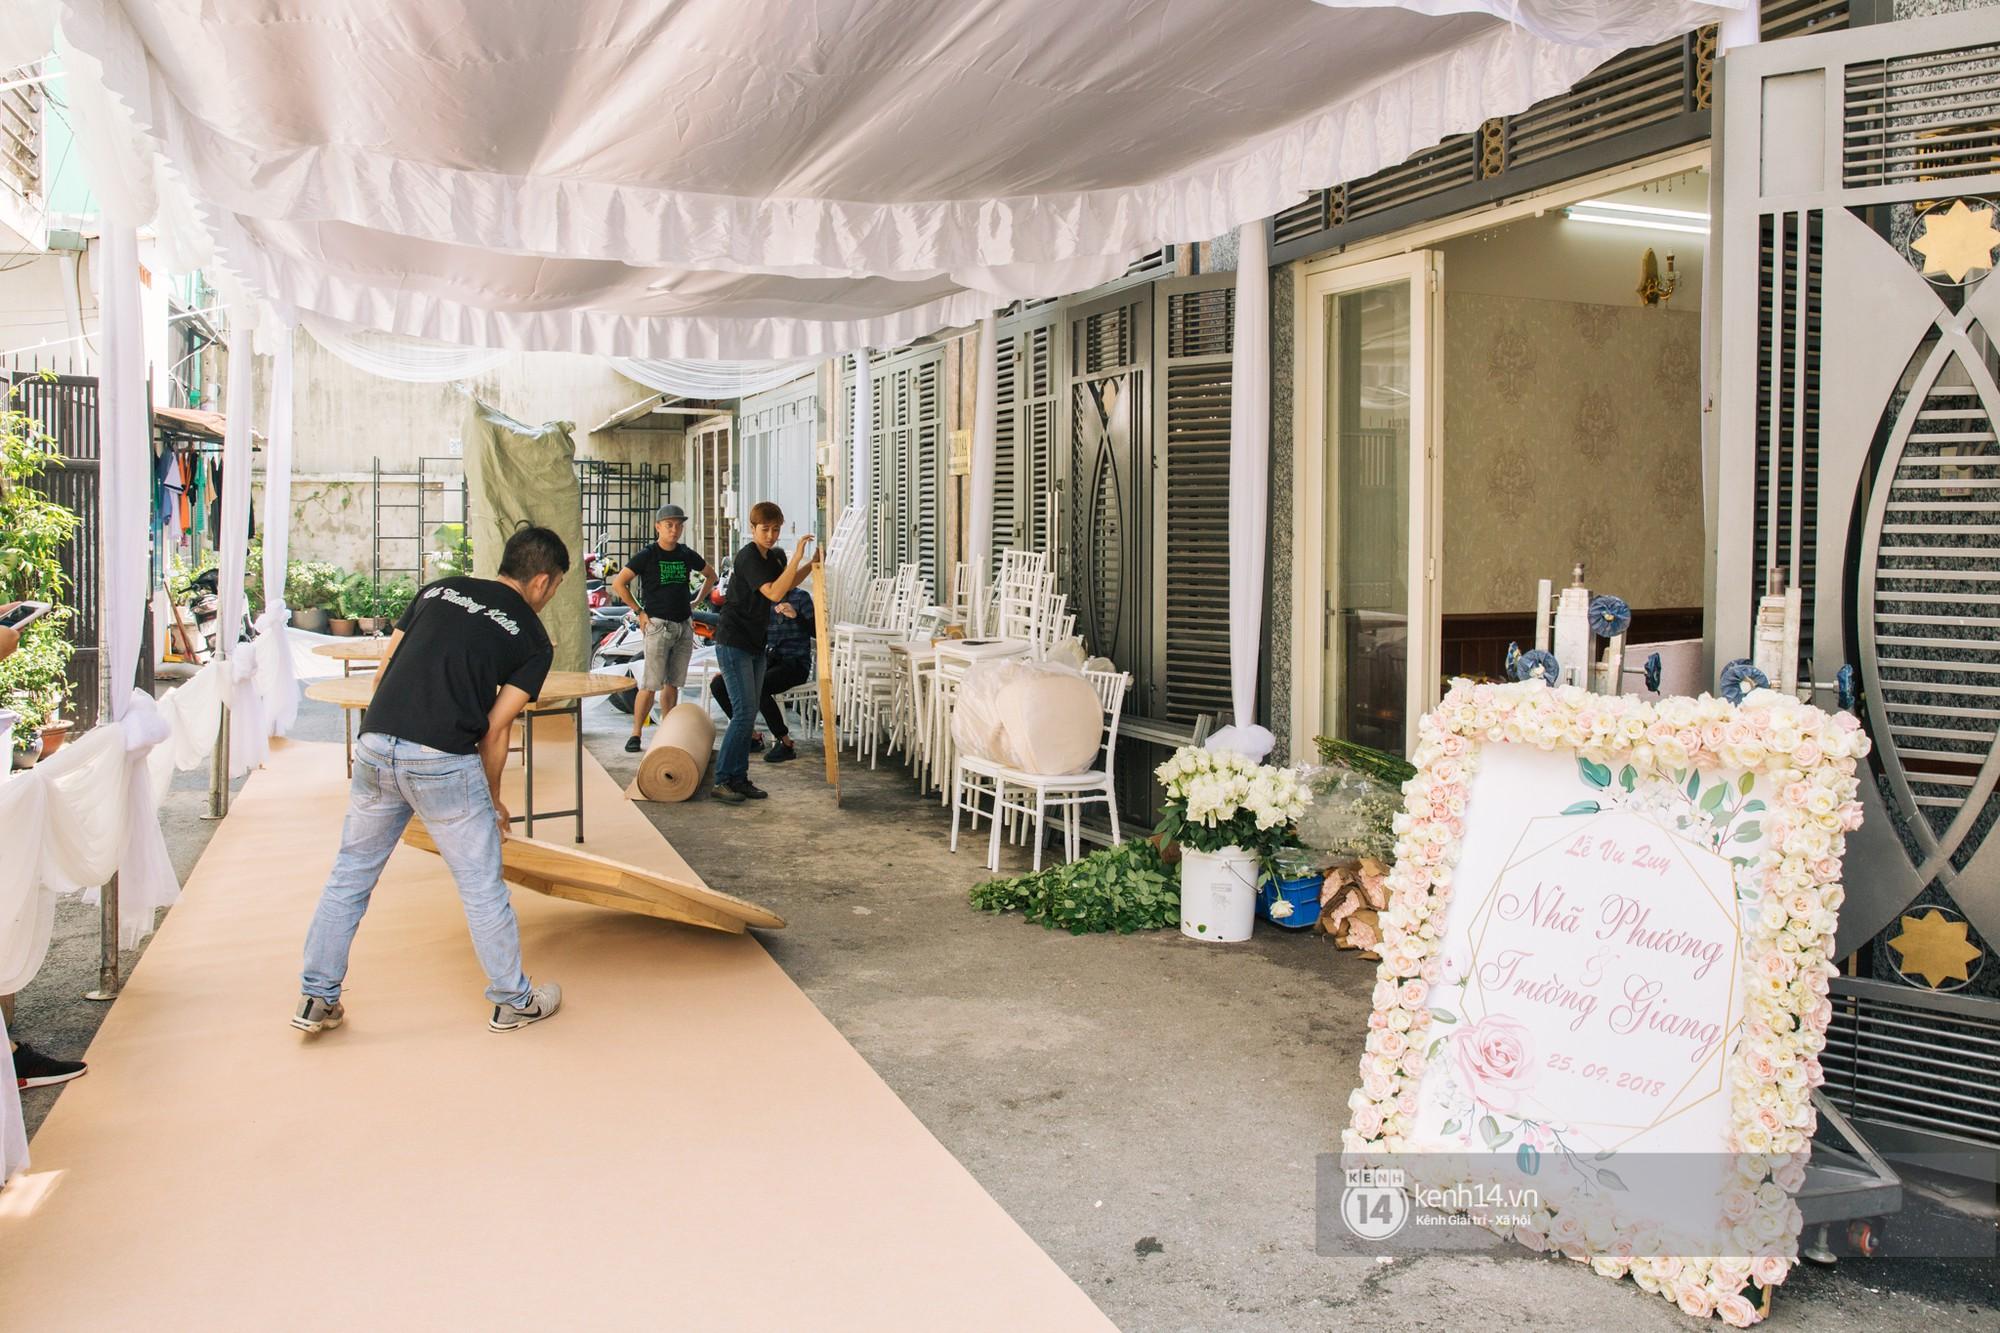 Cưới Trường Giang Nhã Phương: Nhà cô dâu bày trí cho hôn lễ chiều nay - Ảnh 5.